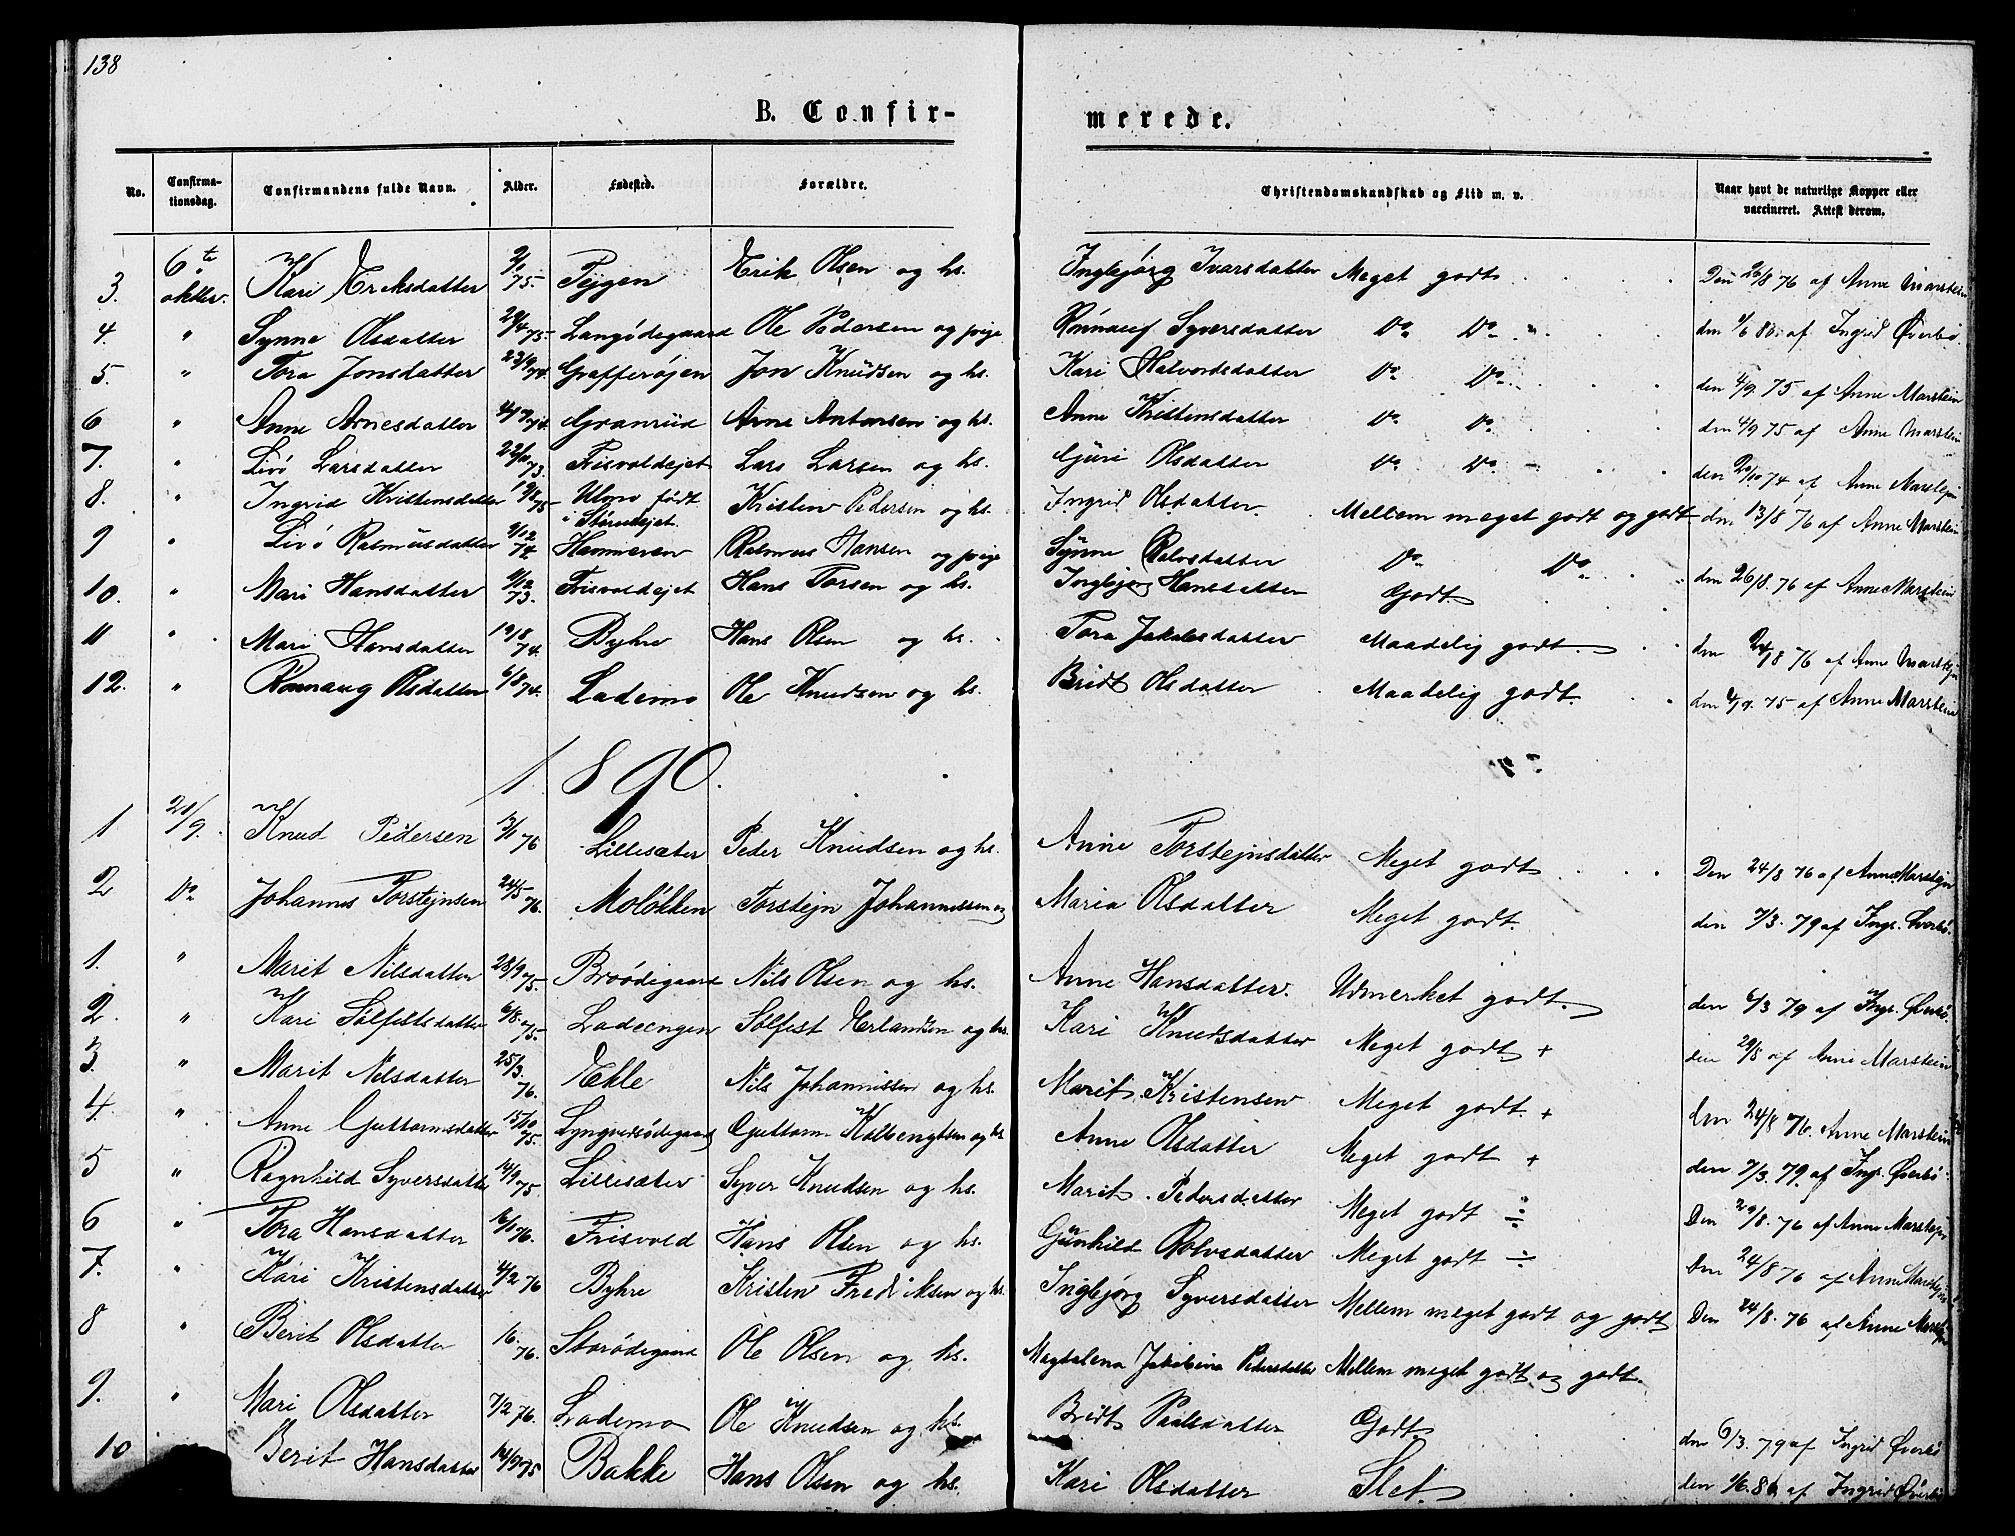 SAH, Lom prestekontor, L/L0005: Klokkerbok nr. 5, 1876-1901, s. 138-139